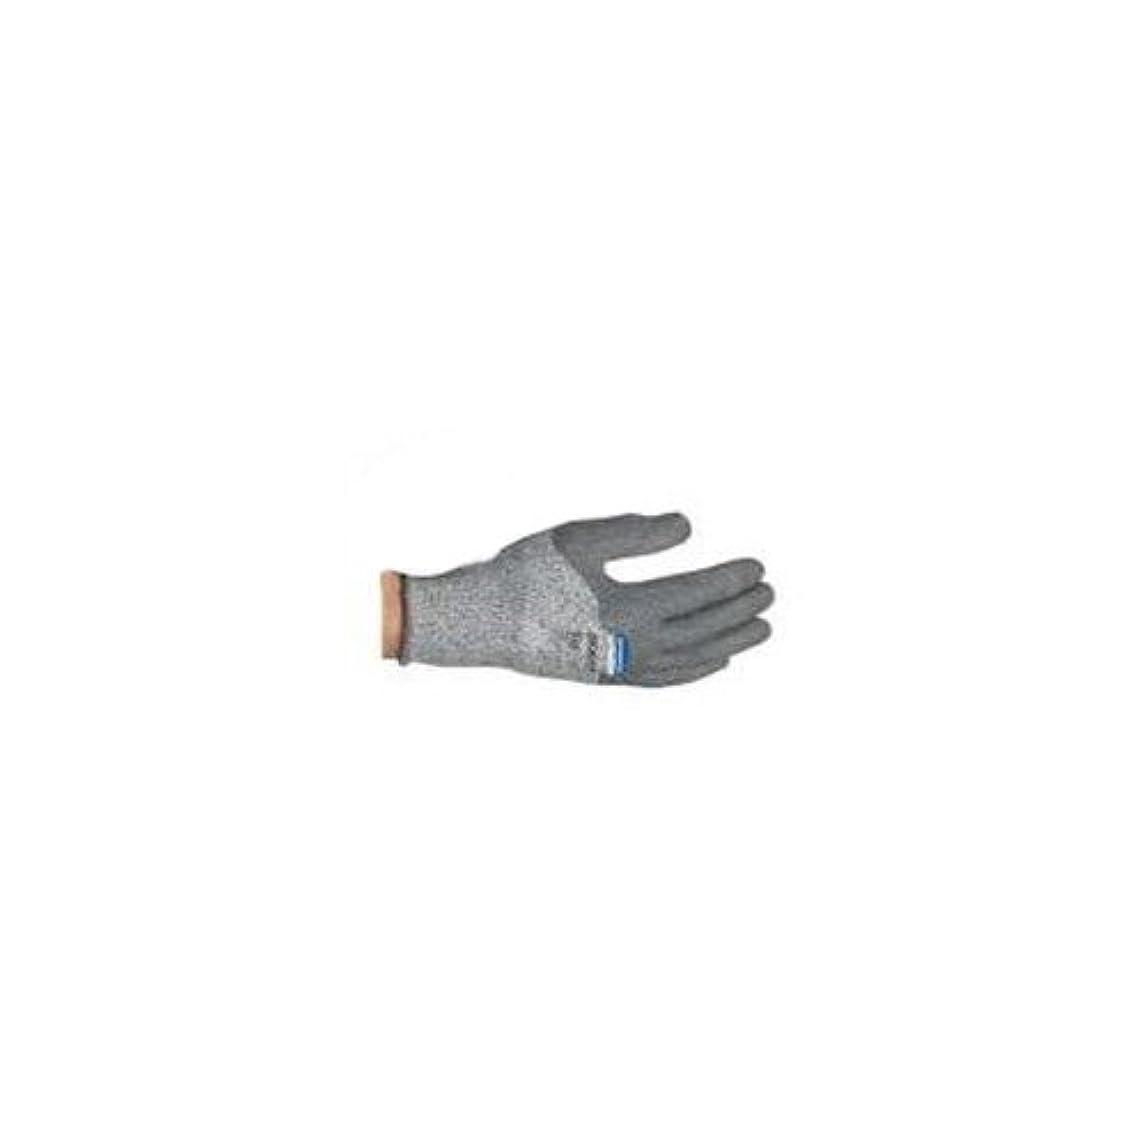 忘れられない宣言する箱キンバリークラークブラックジャクソンセーフティG60カット耐性手袋レベル3、手固有、グレー(12個入り)